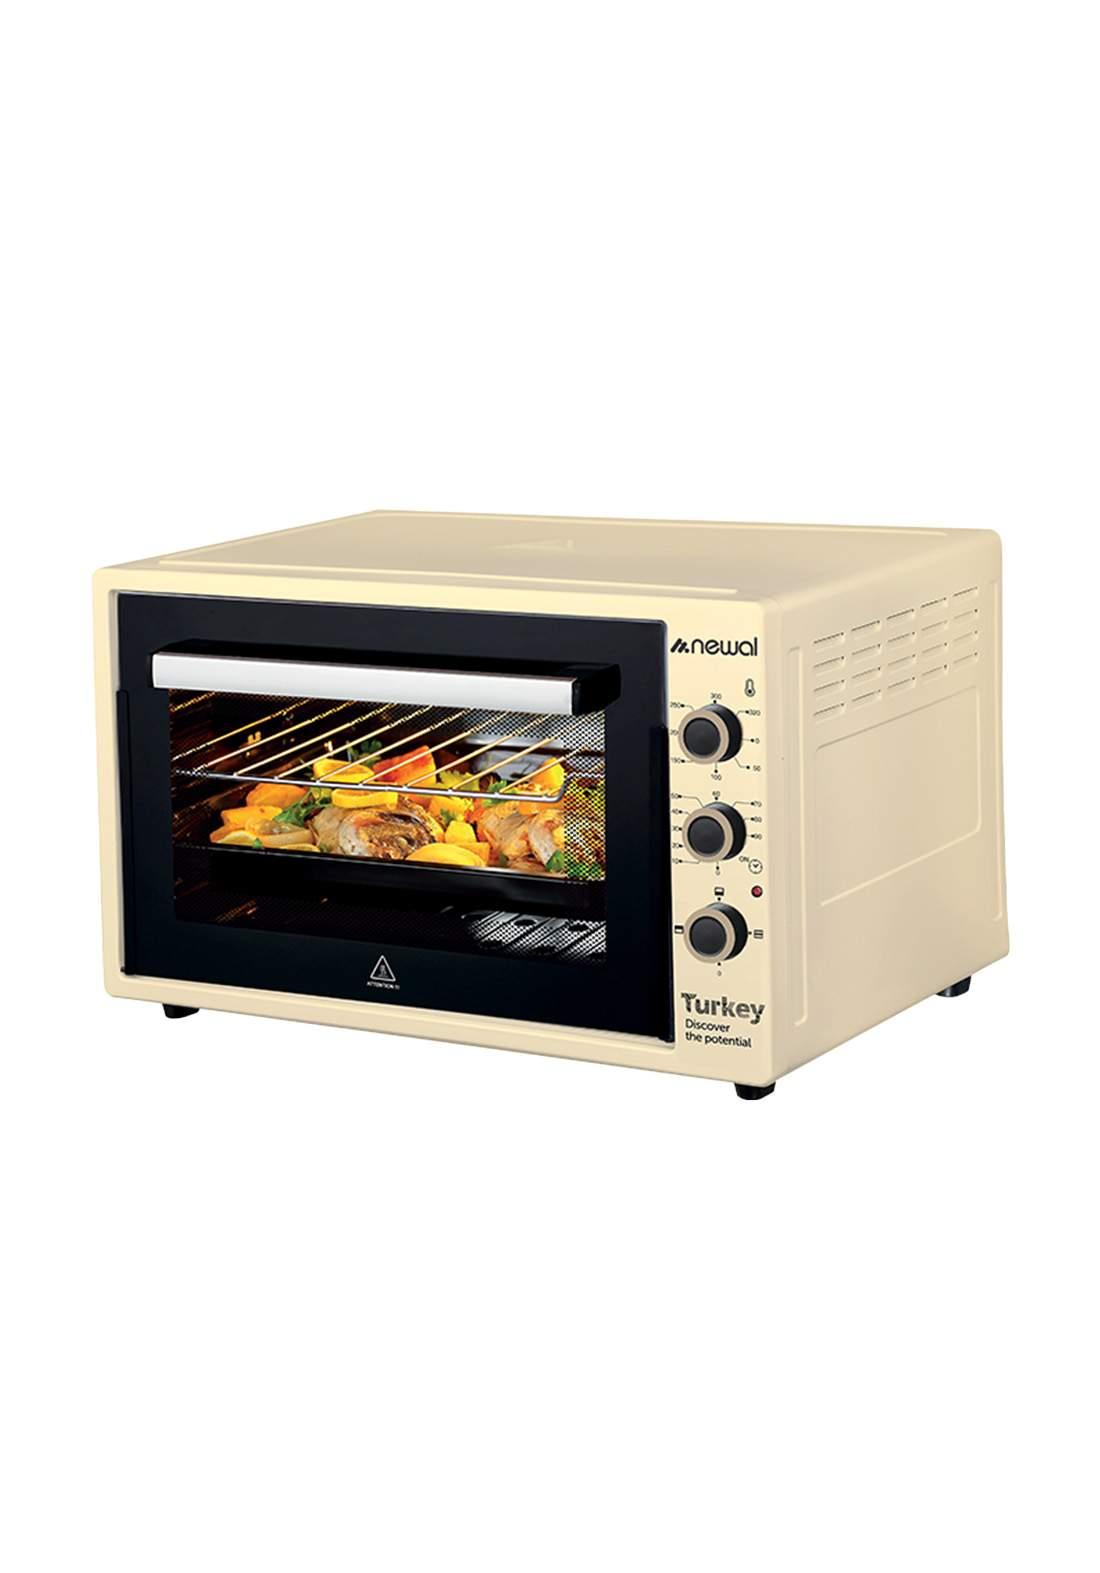 Newal Mini Oven 60L MOV-670-04 - Beige فرن كهربائي